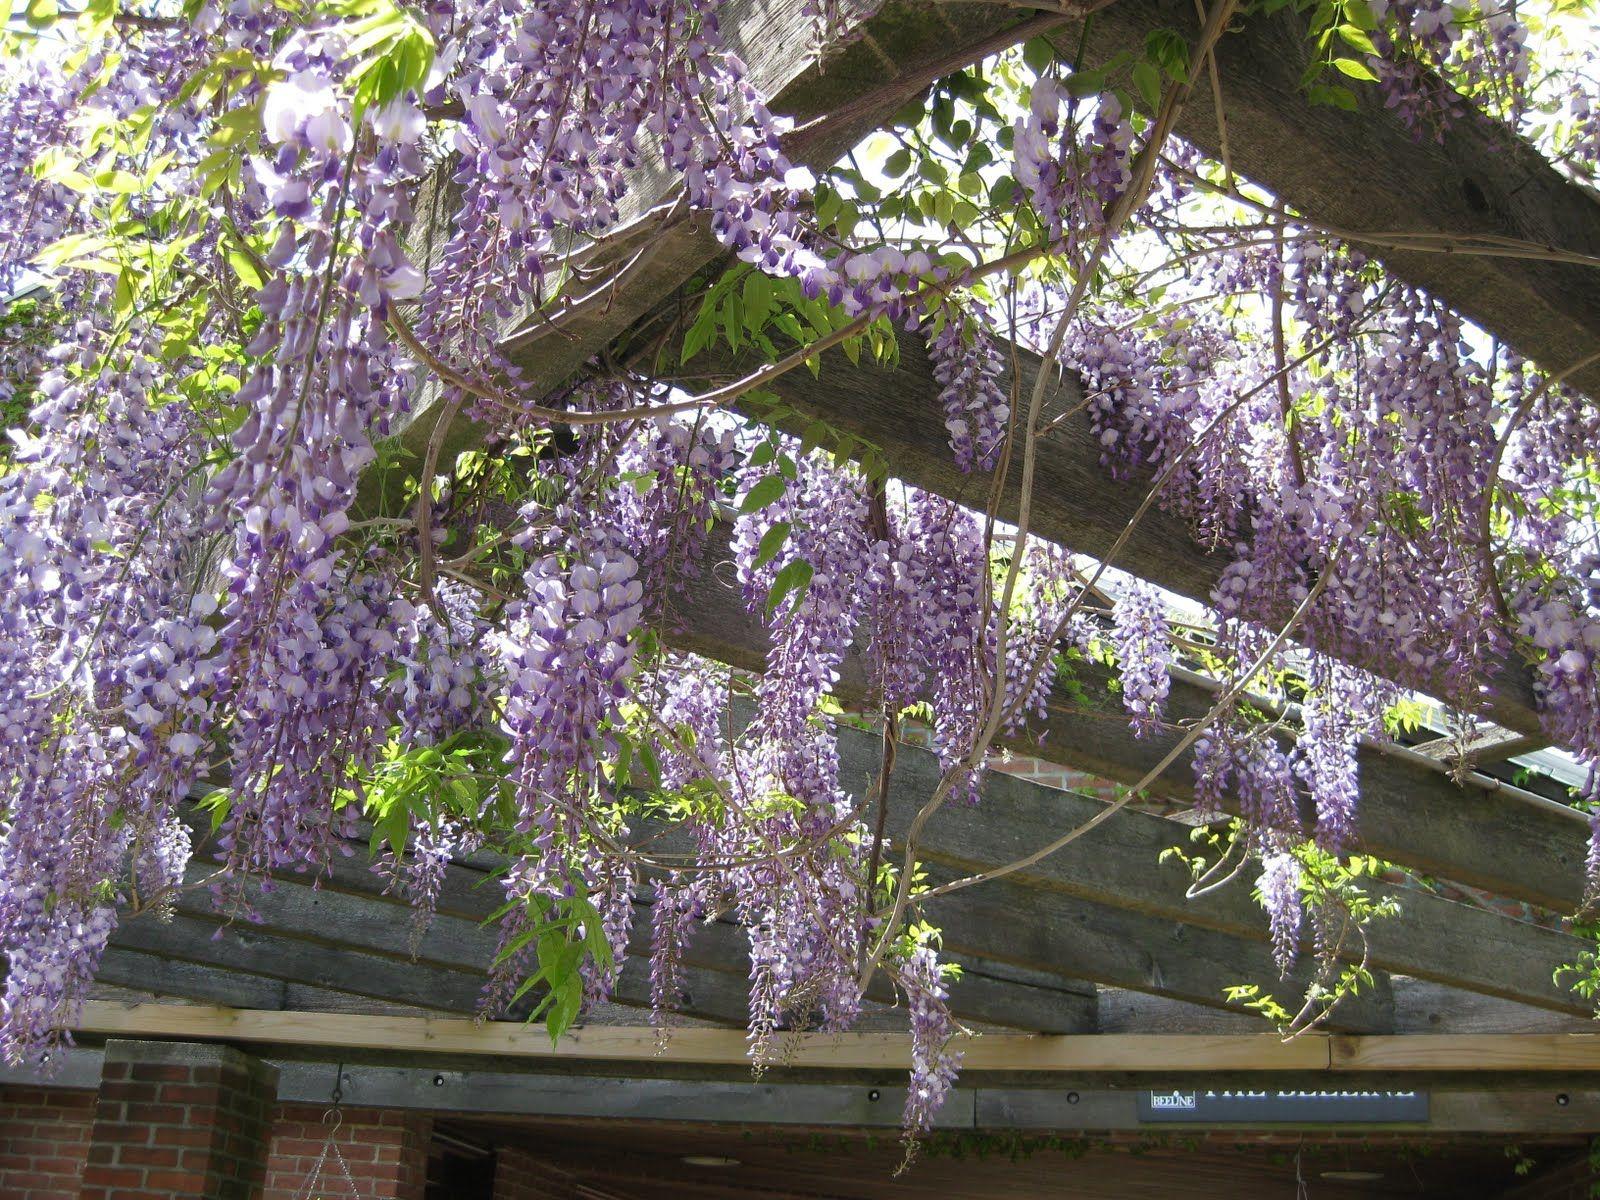 Chicago Botanic Garden Pergola Like Structure With 640 x 480